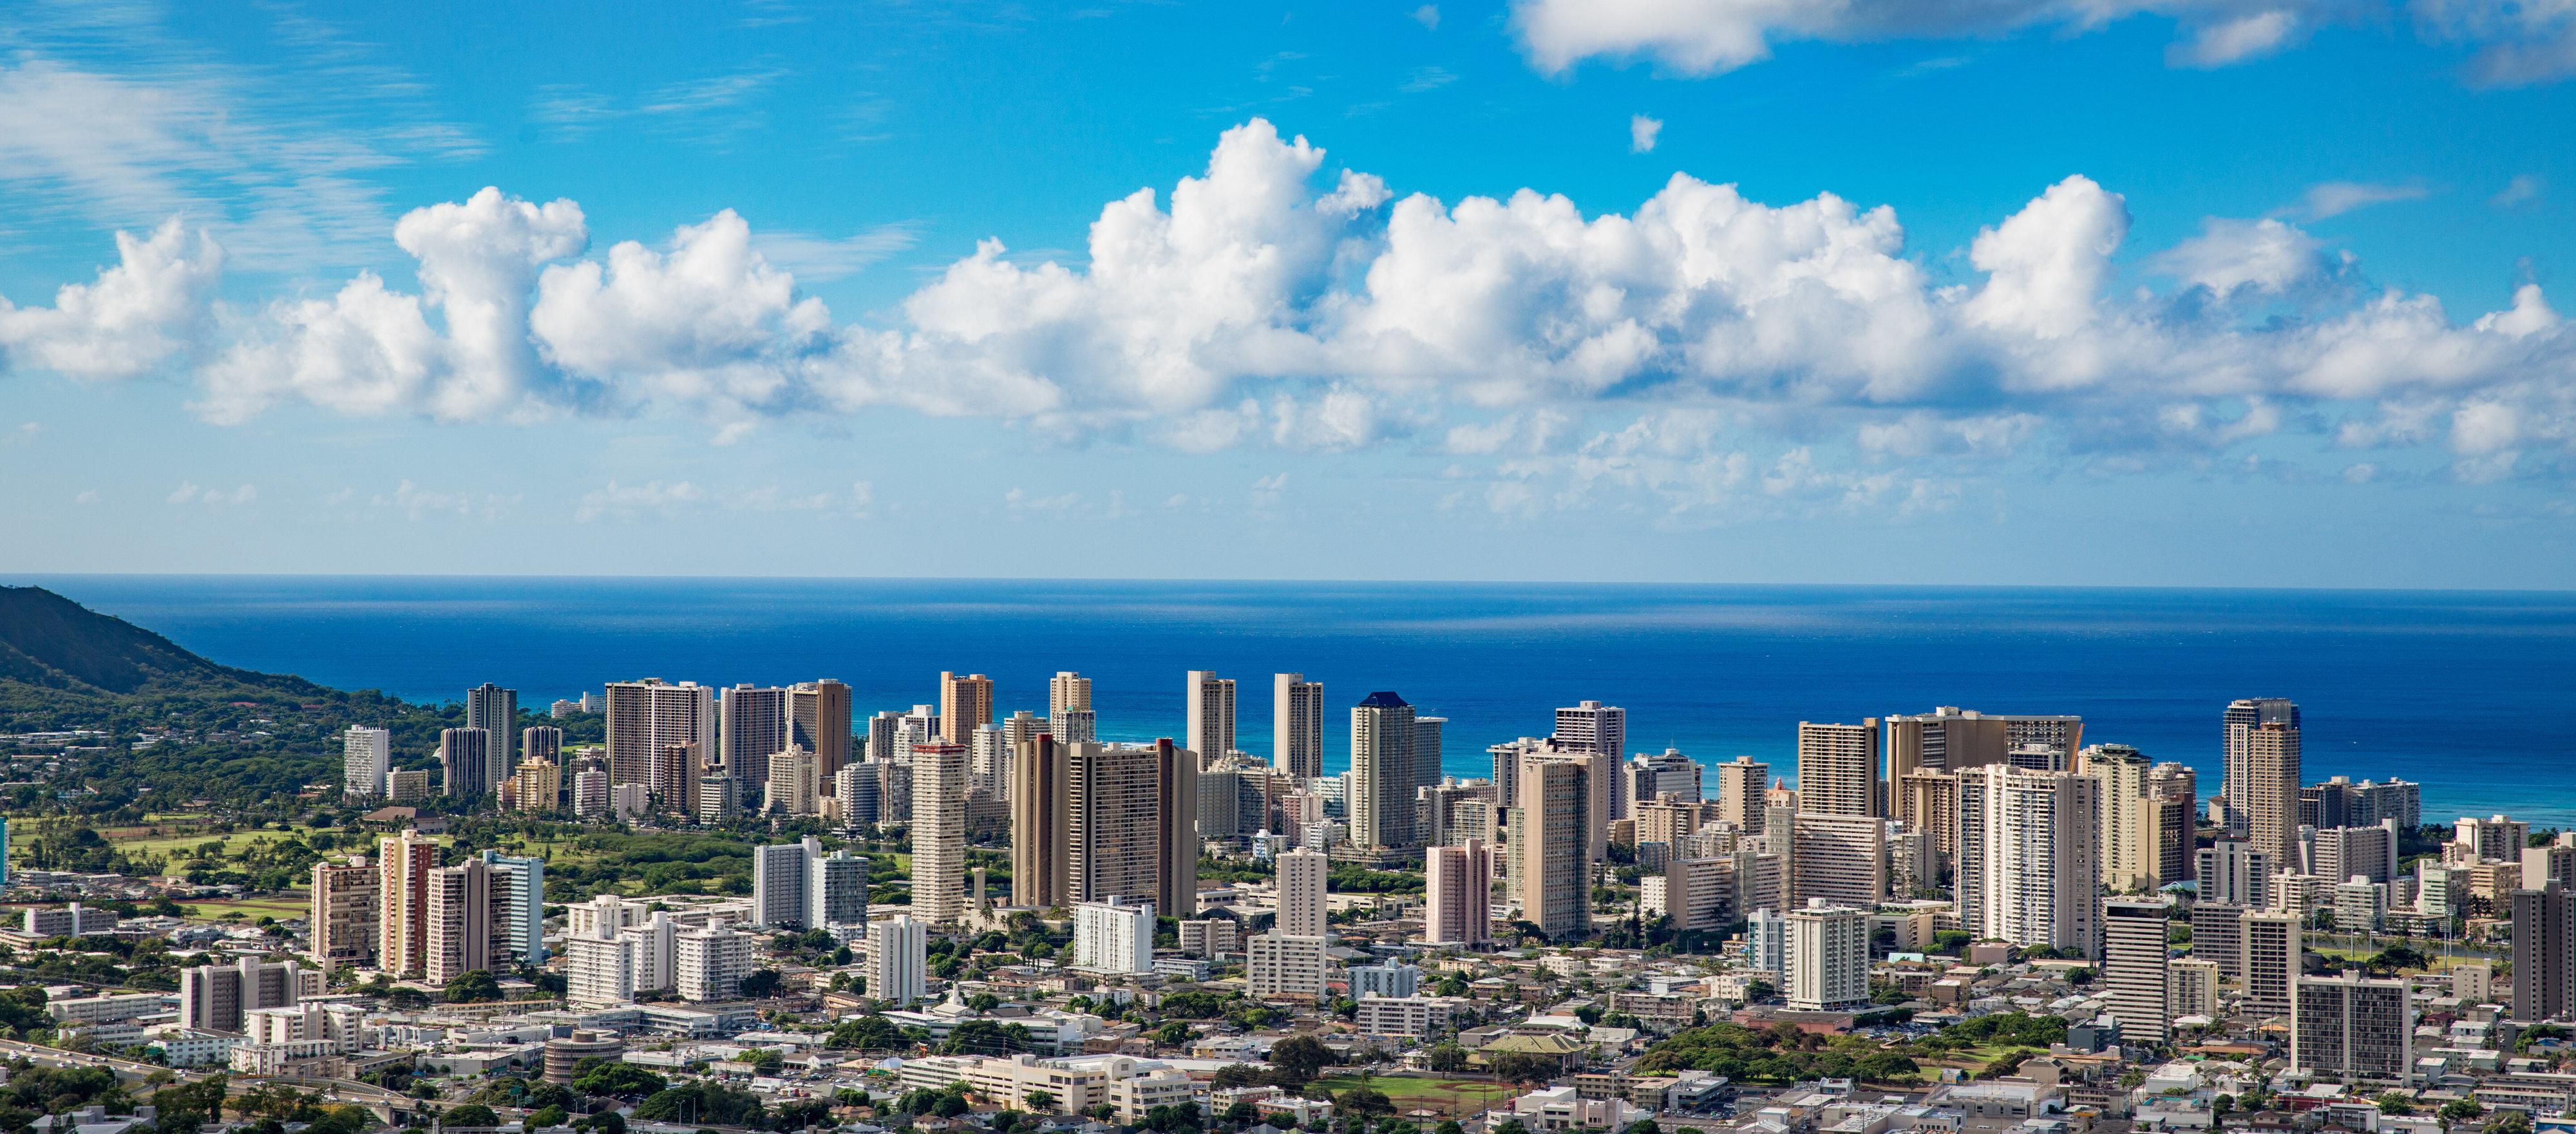 Aerial view of the Honolulu skyline. & Hawaii Developer Under Fire For Segregated \u0027Poor Door\u0027 For Renters ...